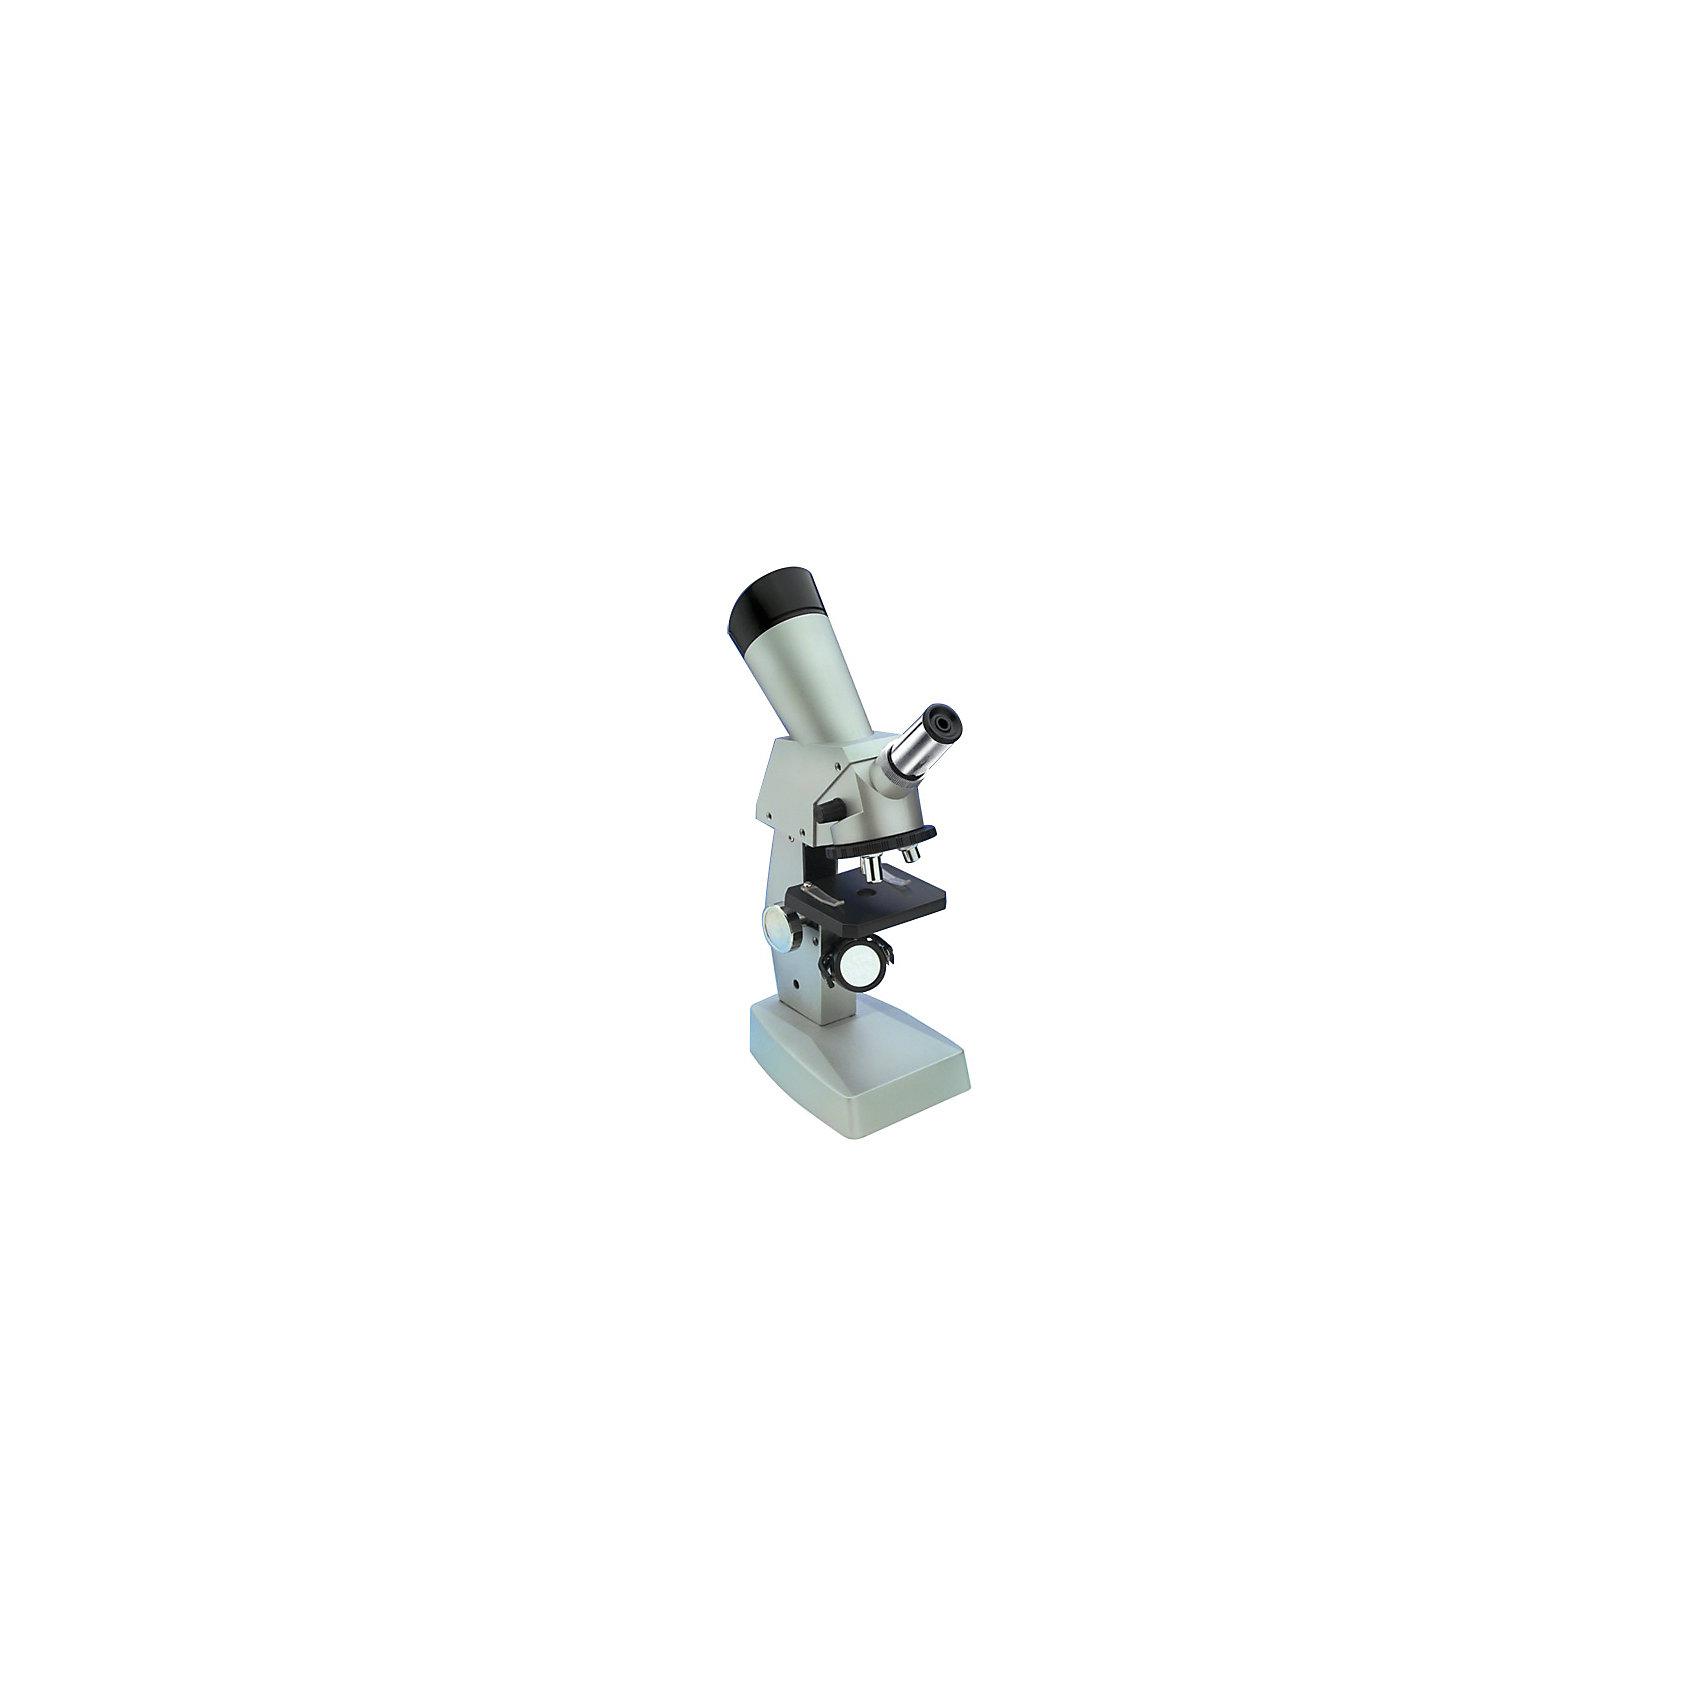 Микроскоп 100*300, Edu-ToysМикроскоп, Edu-Toys - необходимый инструмент для юного исследователя в его изучении окружающего мира и природы. Высококачественный окуляр микроскопа обеспечивает отличное качество изображения и дает увеличение в 100, 300 и 1000 крат. Специальная ручка фокусировки поможет наладить нужную резкость, а с помощью зеркала-отражателя Вы сможете настроить необходимое освещение для изучения препарата. Если яркости недостаточно, можно включить встроенную подсветку. <br><br>Прибор оснащен специальным предметным столиком с лапками-зажимами для микропрепаратов. Прочный корпус микроскопа выполнен из алюминия и имеет устойчивое основание, так что Вы можете не беспокоиться за его сохранность. В комплект также входит набор аксессуаров, с помощью которых можно провести множество увлекательных опытов и наблюдений, здесь Вы найдете и комплект микропрепаратов, и все необходимые инструменты и емкости. А встроенный проектор поможет юному биологу продемонстрировать результаты своих опытов родным и друзьям. Занятия с микроскопом способствуют формированию у ребенка научного подхода, расширяют кругозор, развивают любознательность и внимательность.<br><br>Дополнительная информация:<br><br>- В комплекте: микроскоп Edu-Toys MS008, набор готовых микропрепаратов, 12 предметных стекол, 12 покровных стекол, 12 пробирок со шкалой, 12 этикеток для препаратов, лупа,<br>  3х-6х, флакон с икринками креветок, флакон с красителем (метиловый синий), флакон с хлоридом натрия, 2 флакона для образцов, стеклянная палочка для перемешивания, чаша<br>  Петри, скальпель, игла, пинцет, шпатель (для посева культур), пипетка, мини-инкубатор для выращивания микробиологических культур, ножницы, запасная лампочка, защитные<br>  очки, мини-нож для изготовления препаратов, инструкция по эксплуатации. <br>- Материал: алюминий, пластик, стекло.<br>- Для подсветки требуются батарейки: 2 х АА (не входят в комплект).<br>- Высота микроскопа: 30 см.<br>- Размер упаковки: 33,4 х 10,8 х 46 см.<br>- Вес: 1